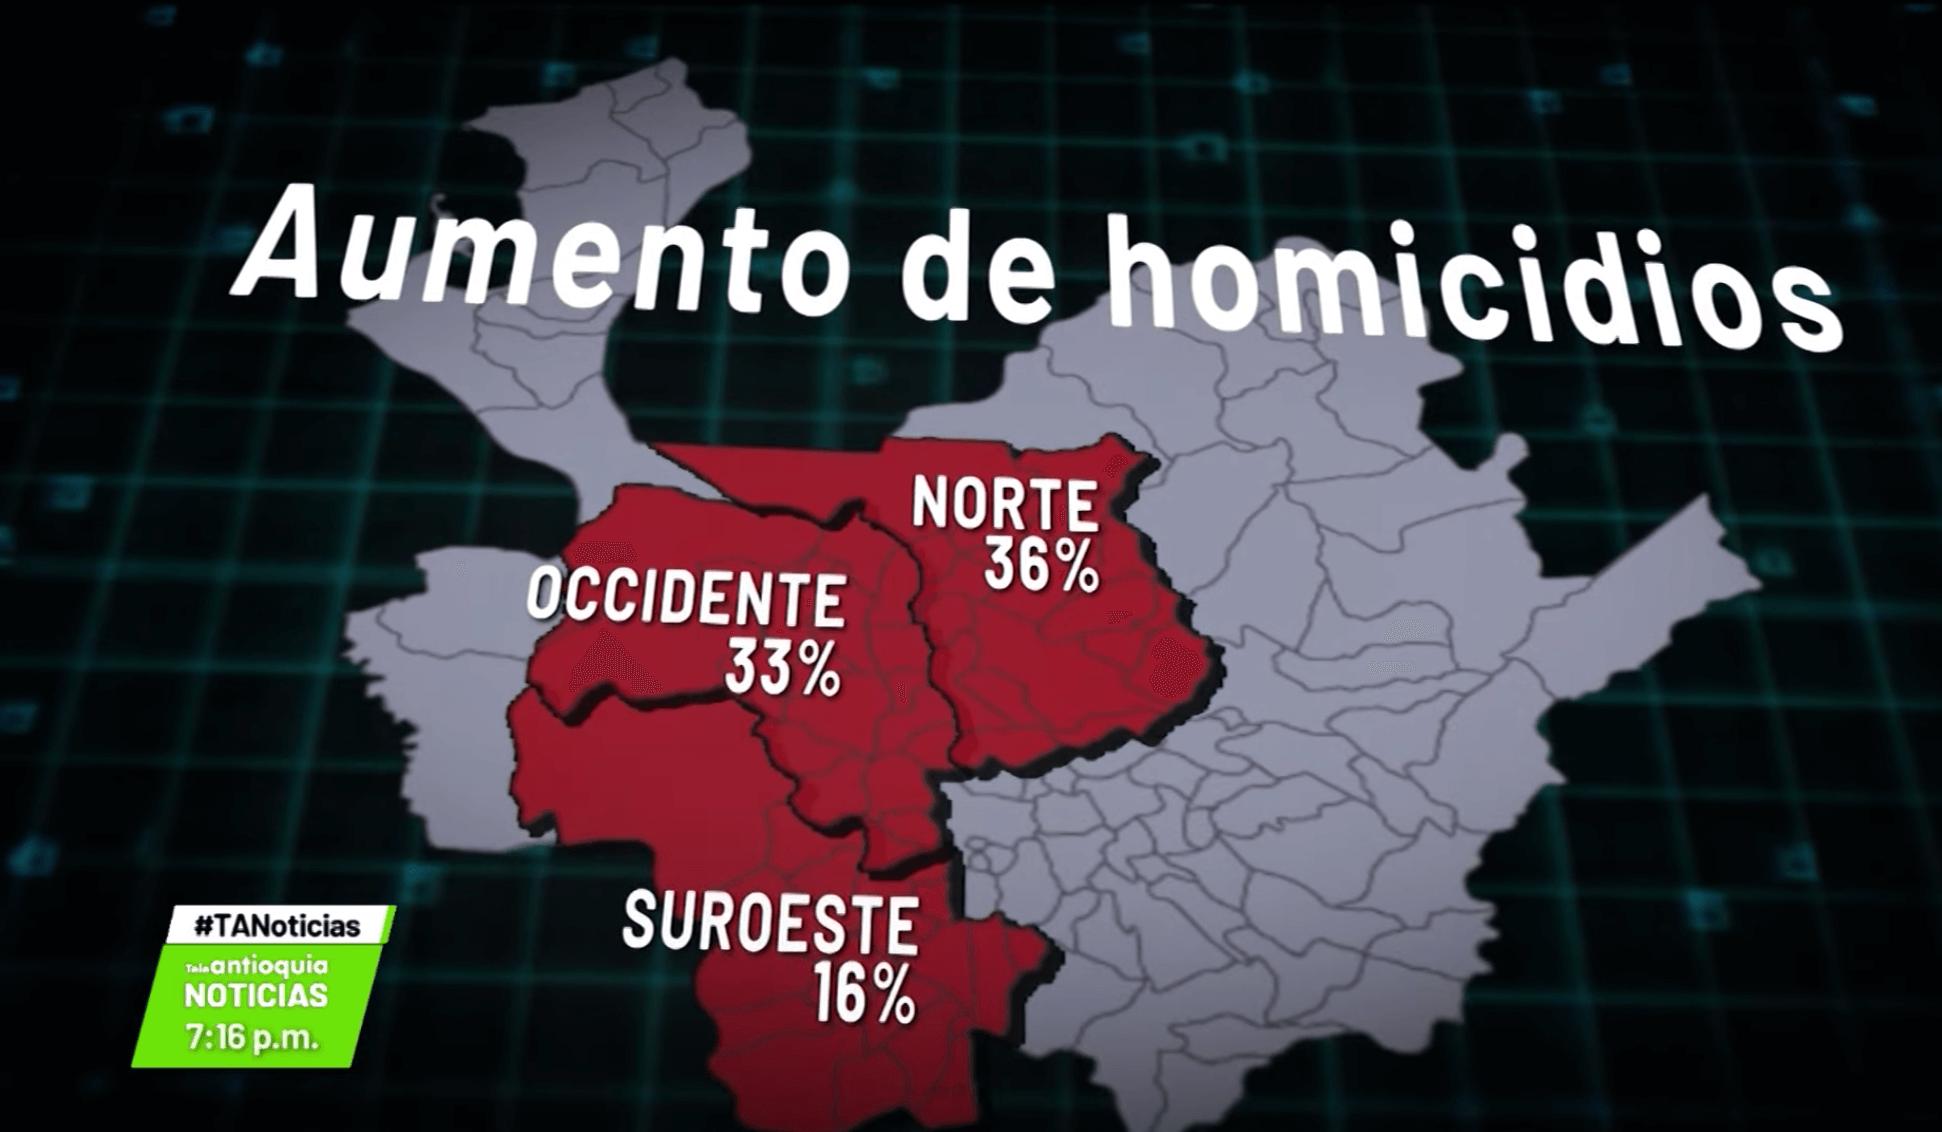 Incrementan homicidios en tres subregiones